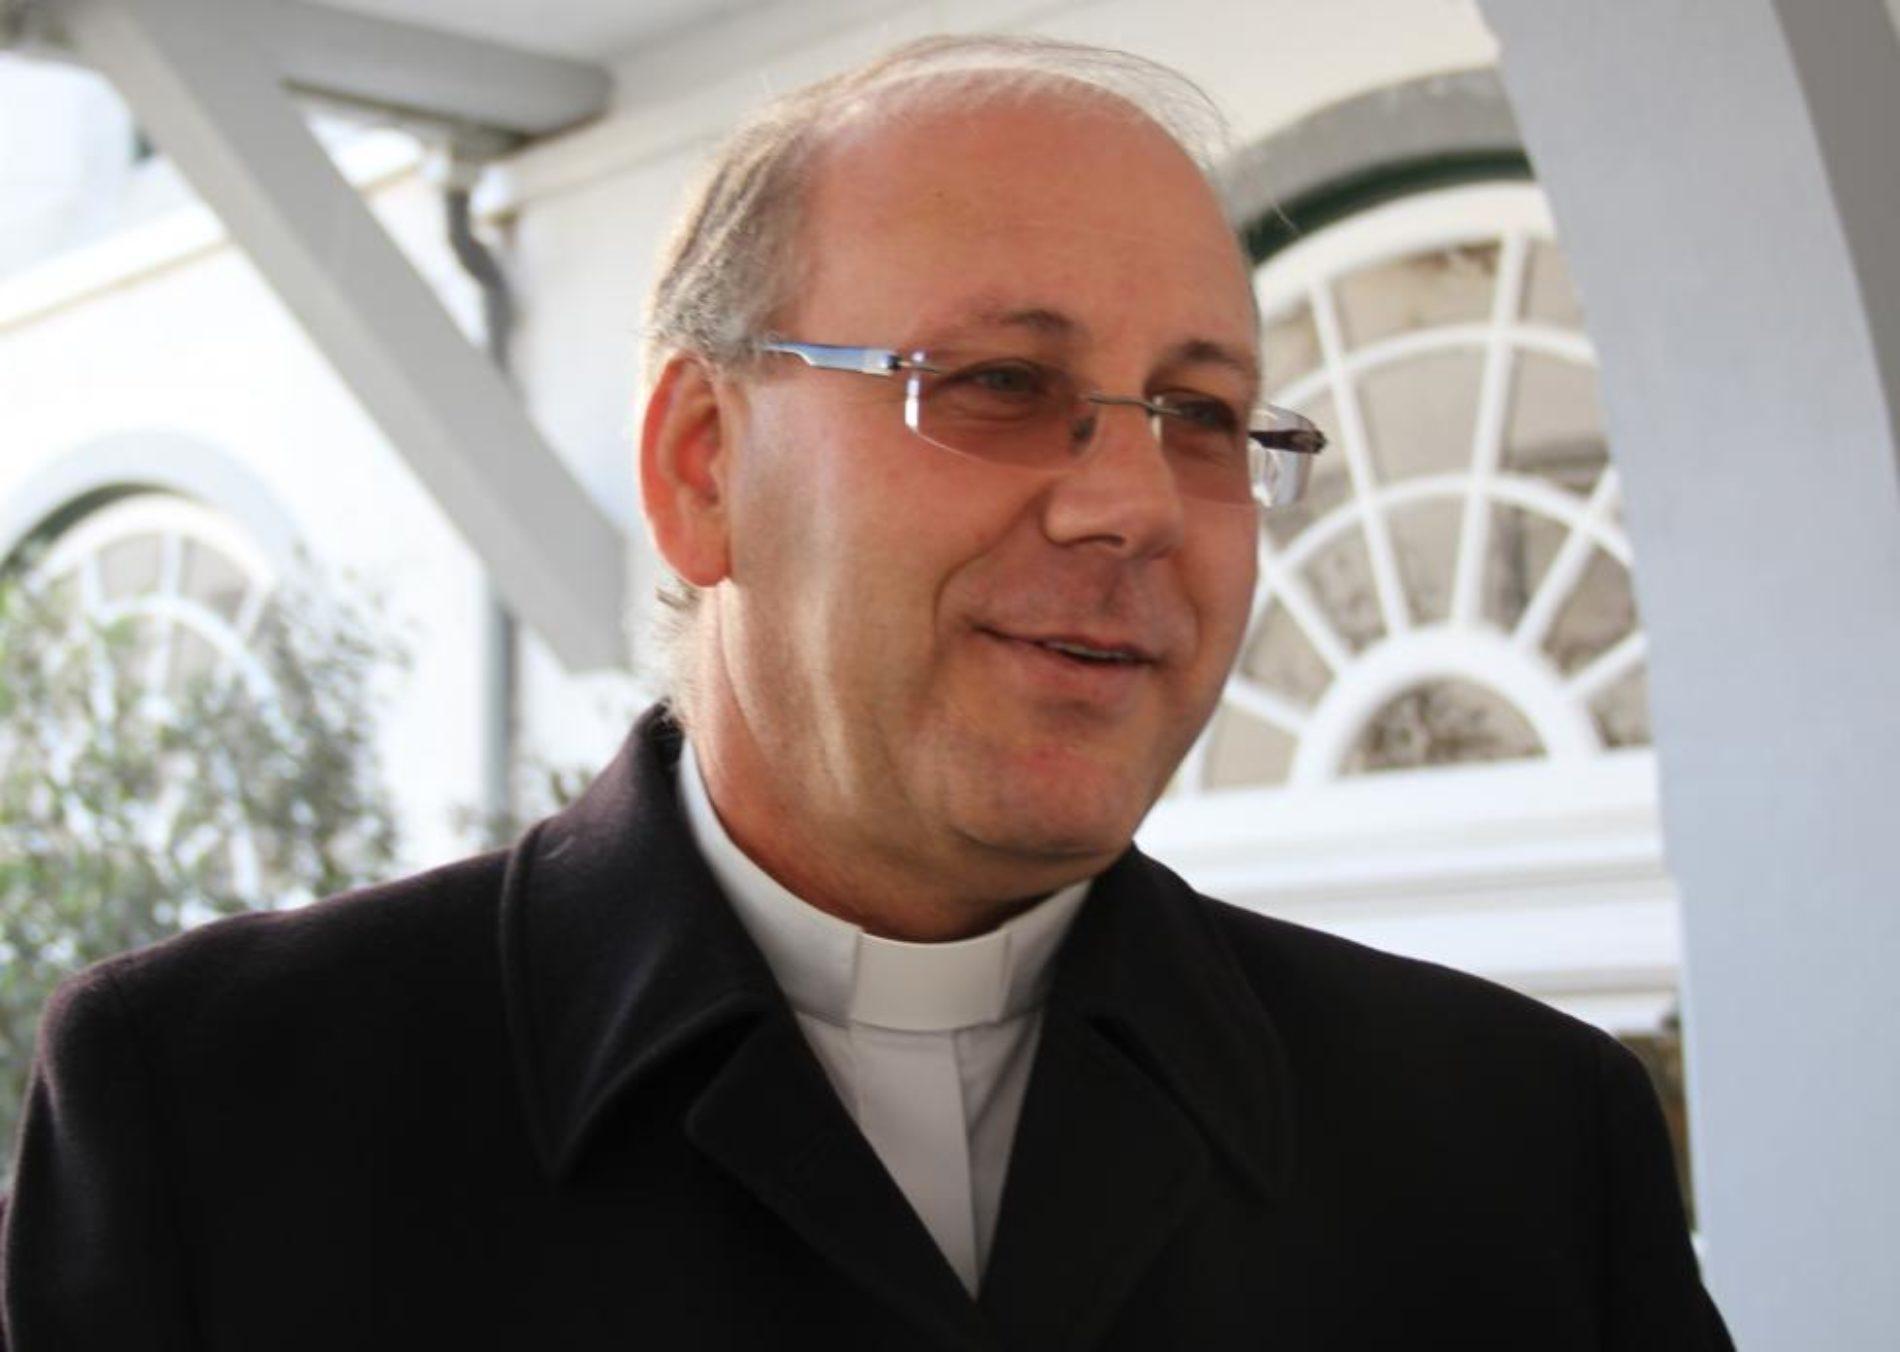 Bispo de Coimbra abençoa Capela de Nª Srª da Visitação em Galizes